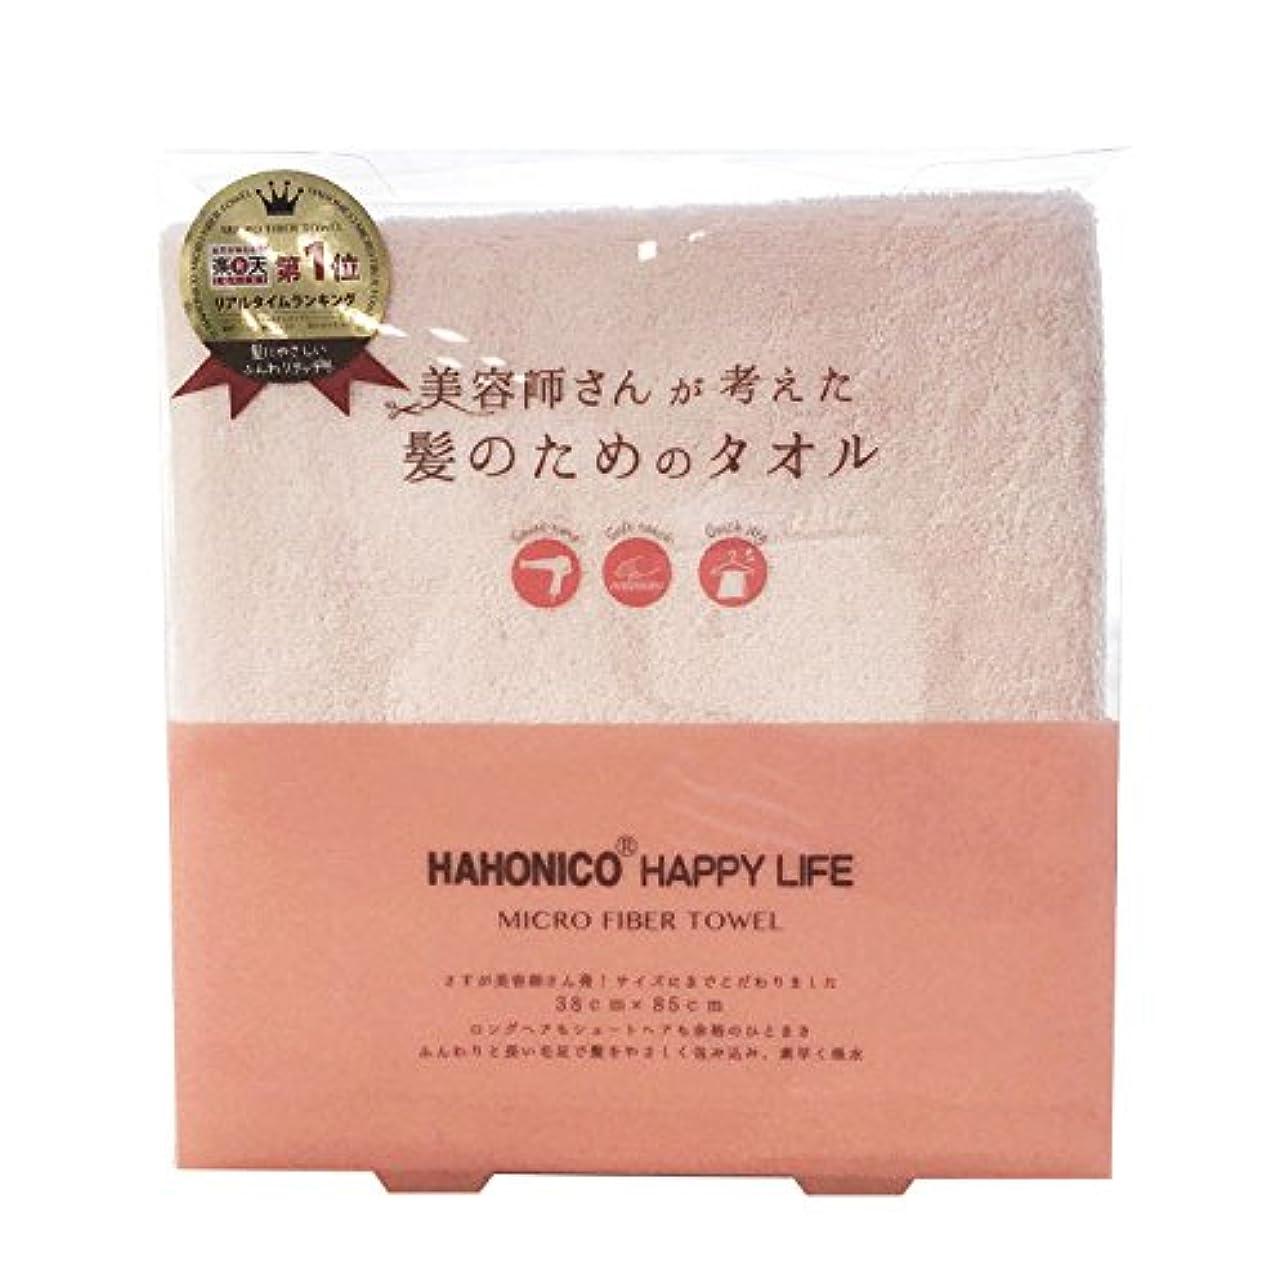 愛情フックに変わるハホニコ ヘアドライマイクロファイバータオル ピンク